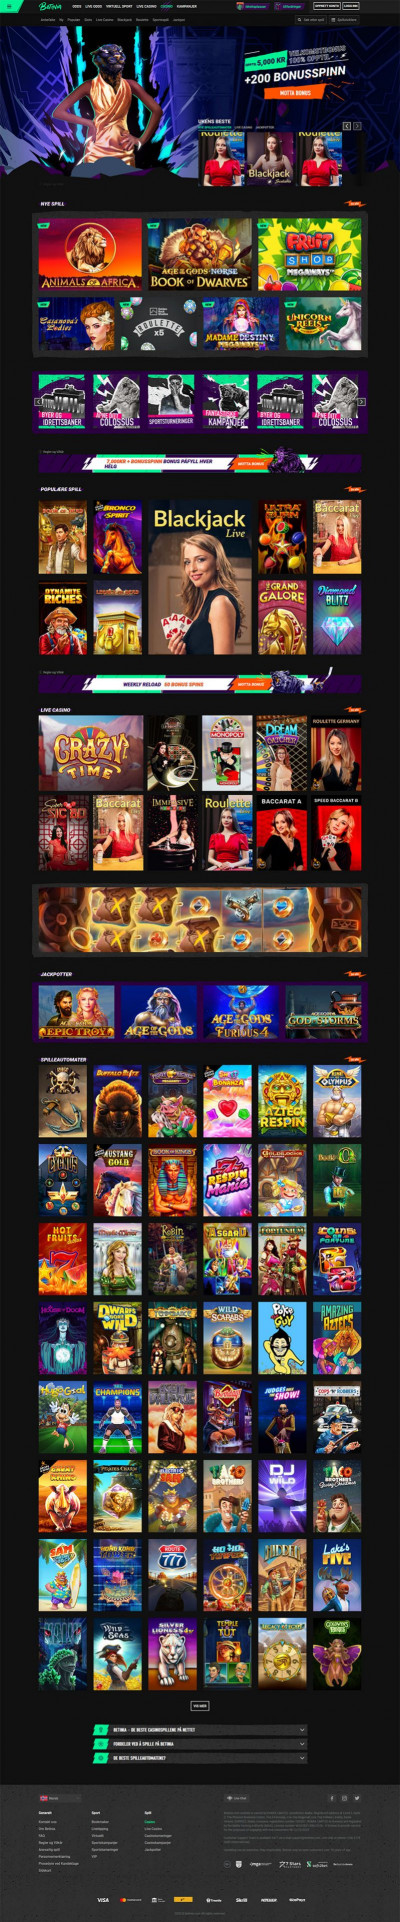 Betinia Casino Screenshot